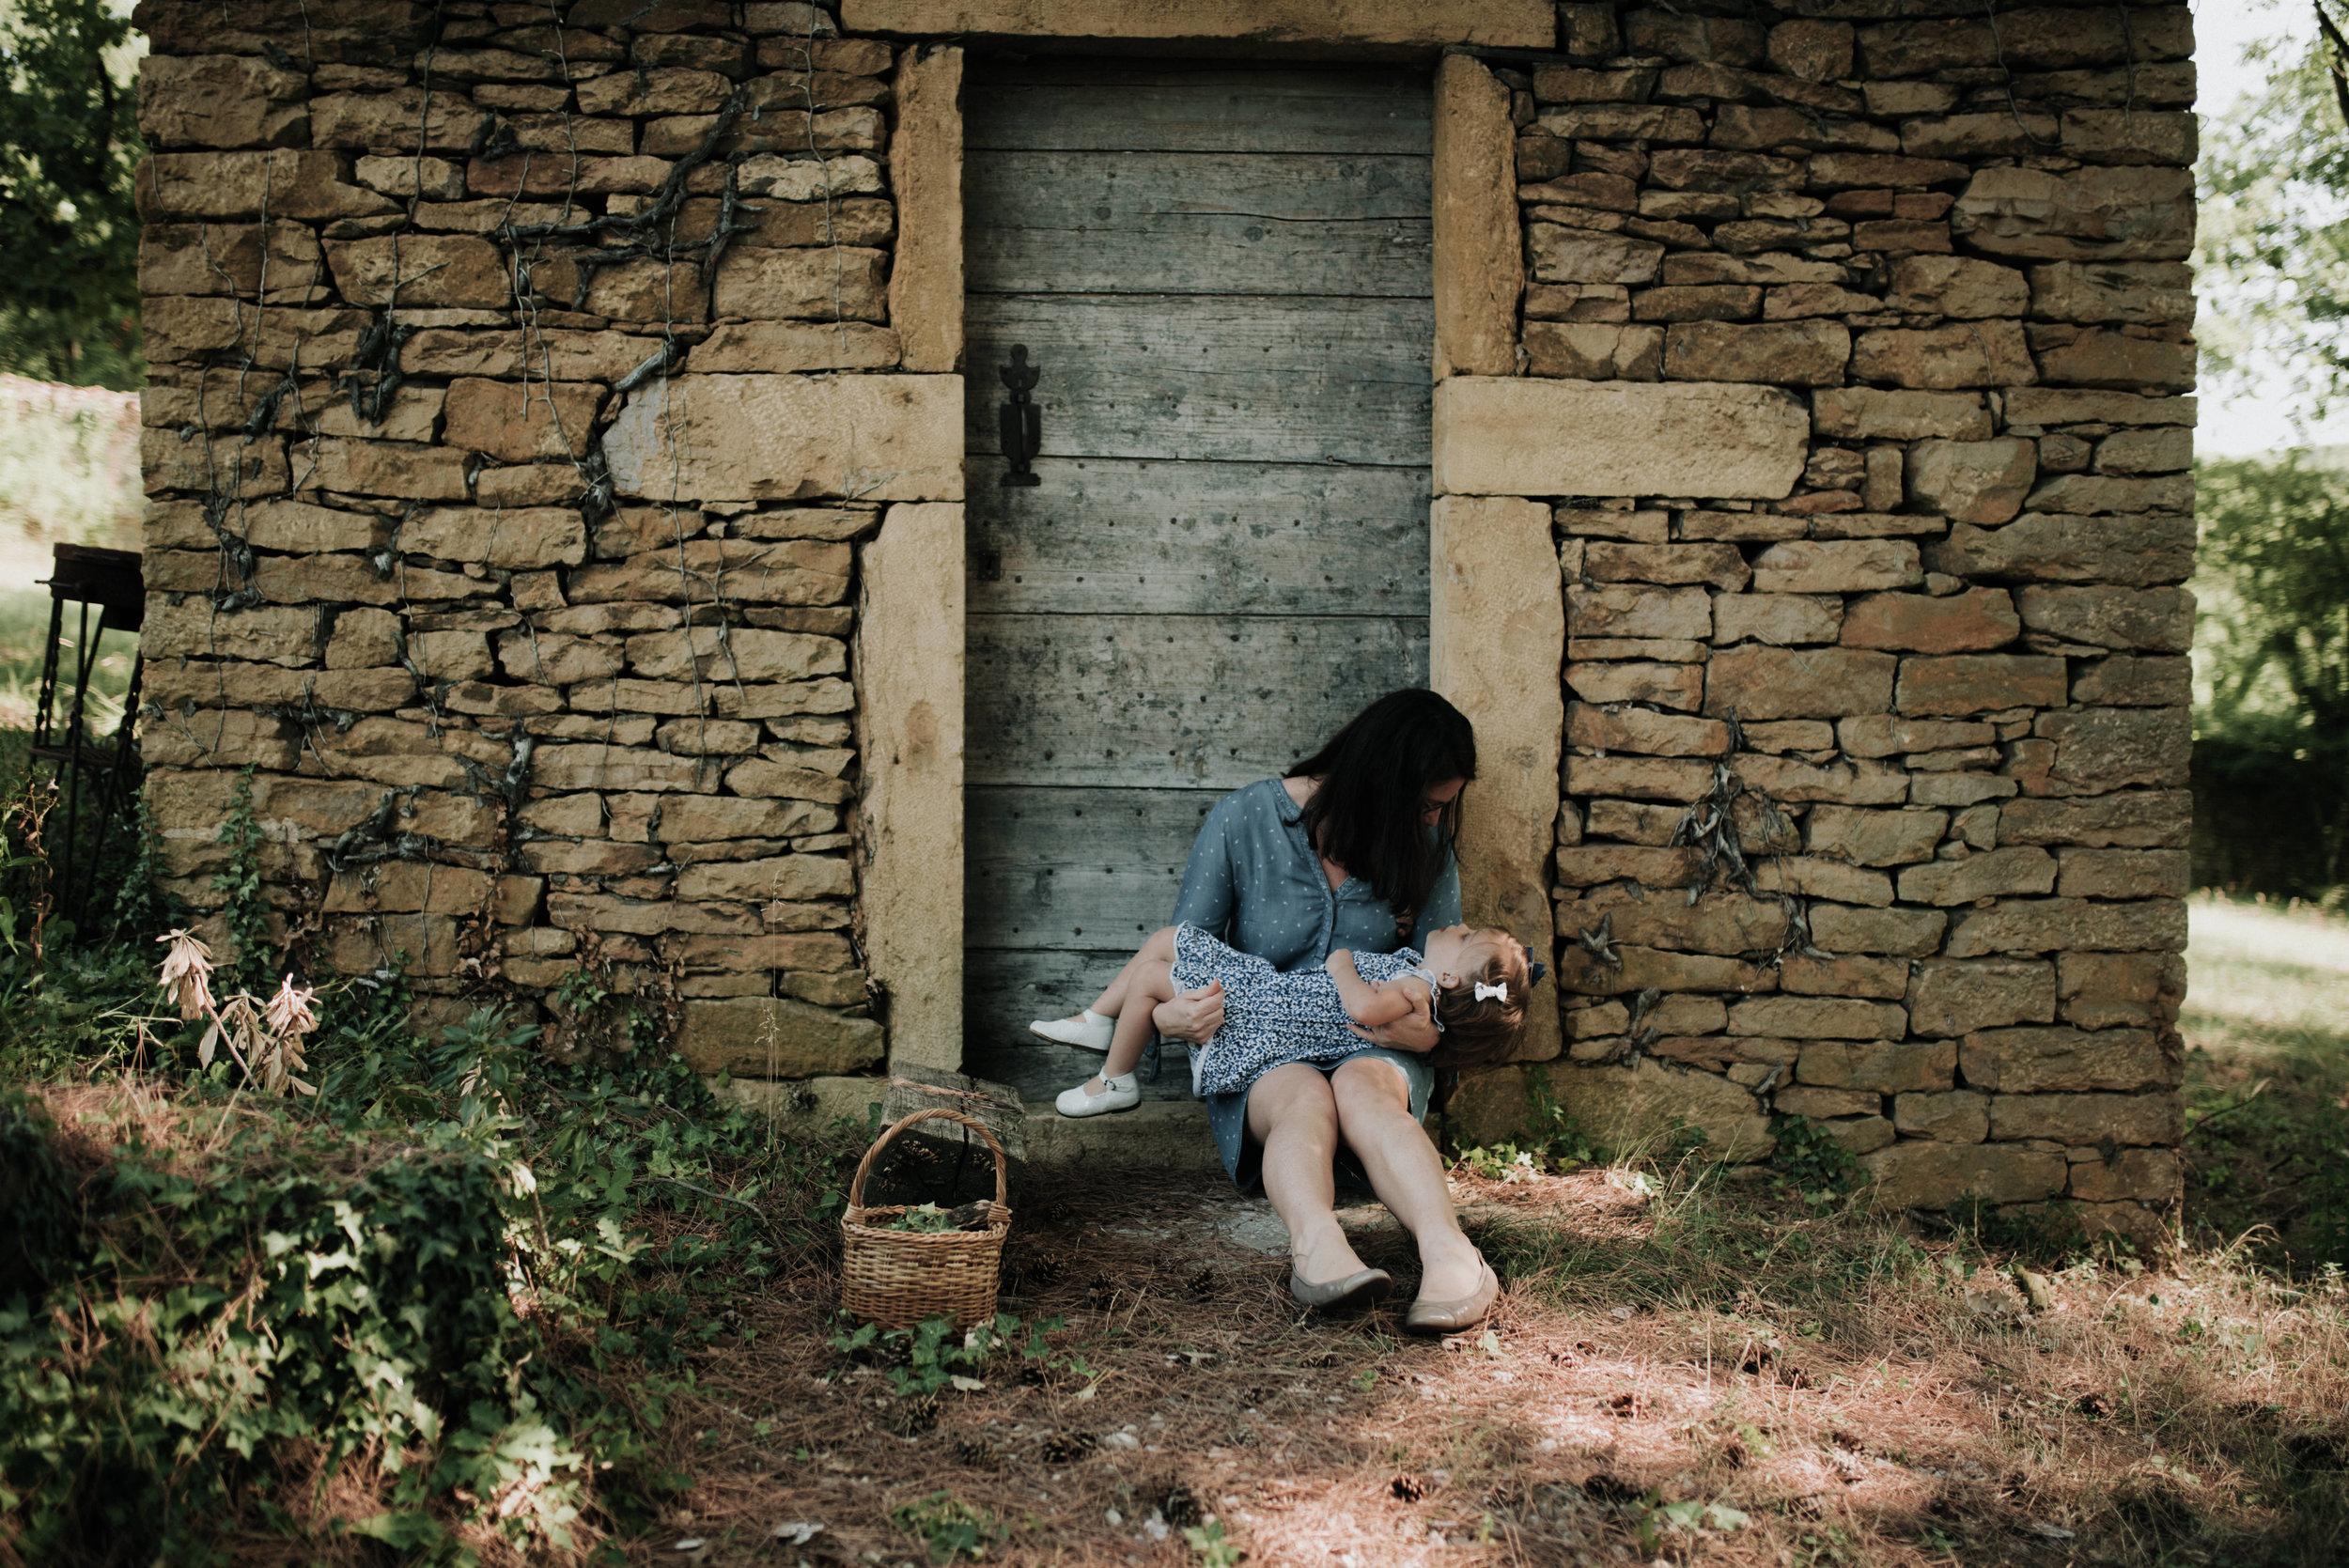 Léa-Fery-photographe-professionnel-lyon-rhone-alpes-portrait-creation-mariage-evenement-evenementiel-famille-4769.jpg